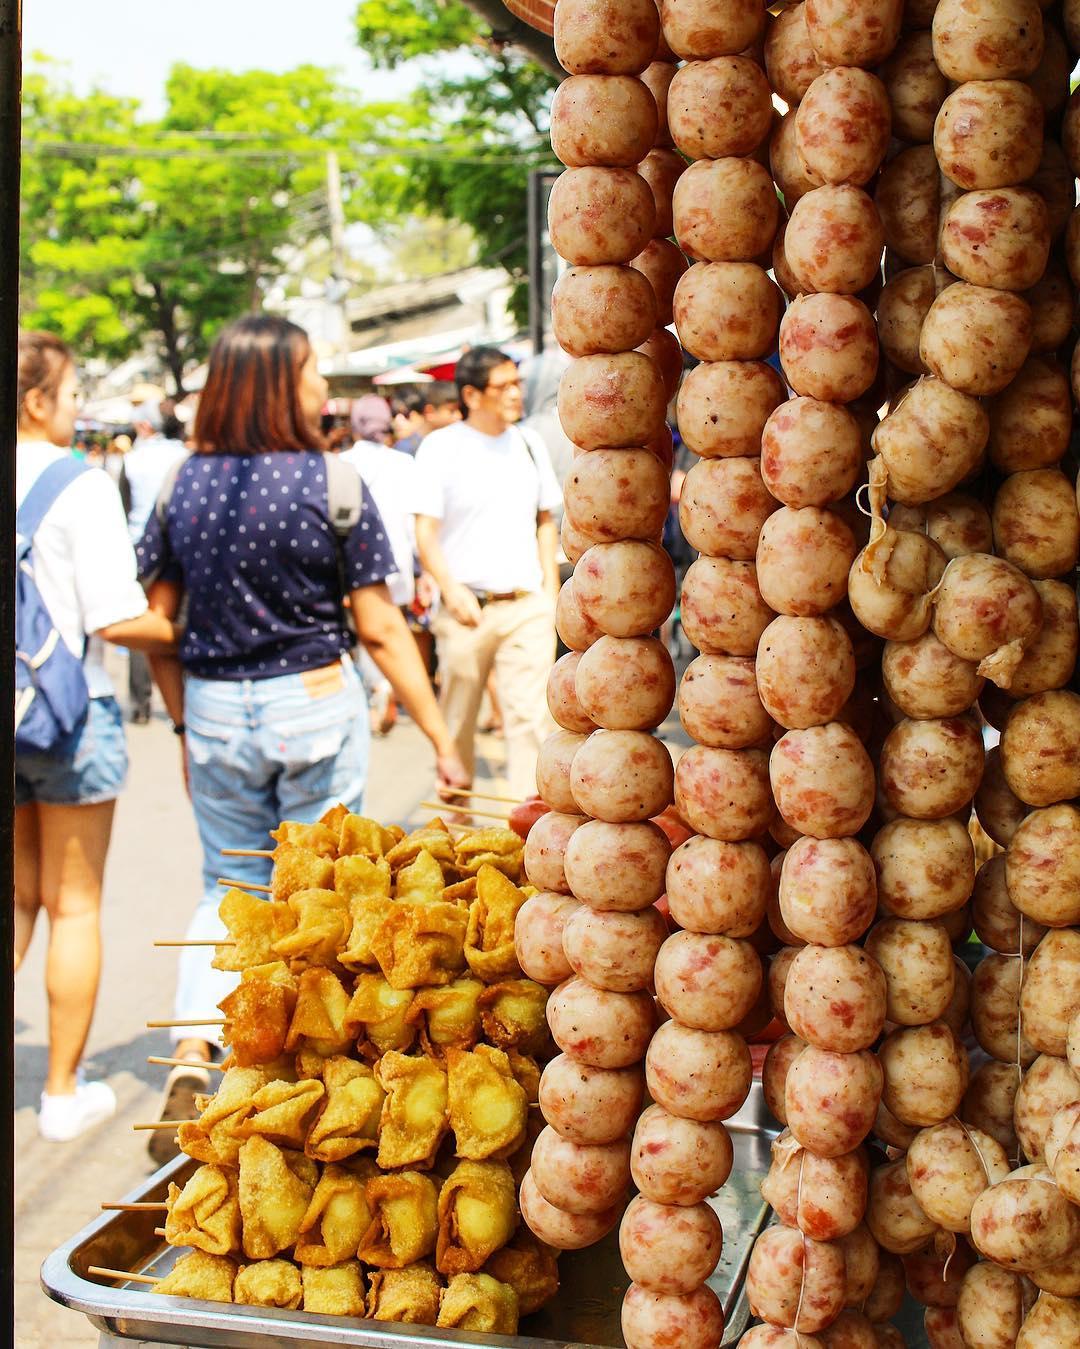 Le roi de la boulette !! Le marché de Chatuchak : le plus Grand marché de Bangkok ! Idéal pour vos souvenirs ??? ______ ? #pintadethailande ➕CityTrip | THAÏLANDE?? ? Articles sur le blog (lien dans ma bio) ______ #thailande #thailand #bangkok #kohphiphi #krabi #kohlanta #kohsamui #kohphangan #kohtao #cityguide #cityTrip #travel #blogTravel #TravelBlog #voYage #blogVoyage #frenchBlogger #blogueuse #blog #pintademontpellier #temple #streetfood #food #foodlover #blogfood #chatuchak #chatuchakweekendmarket